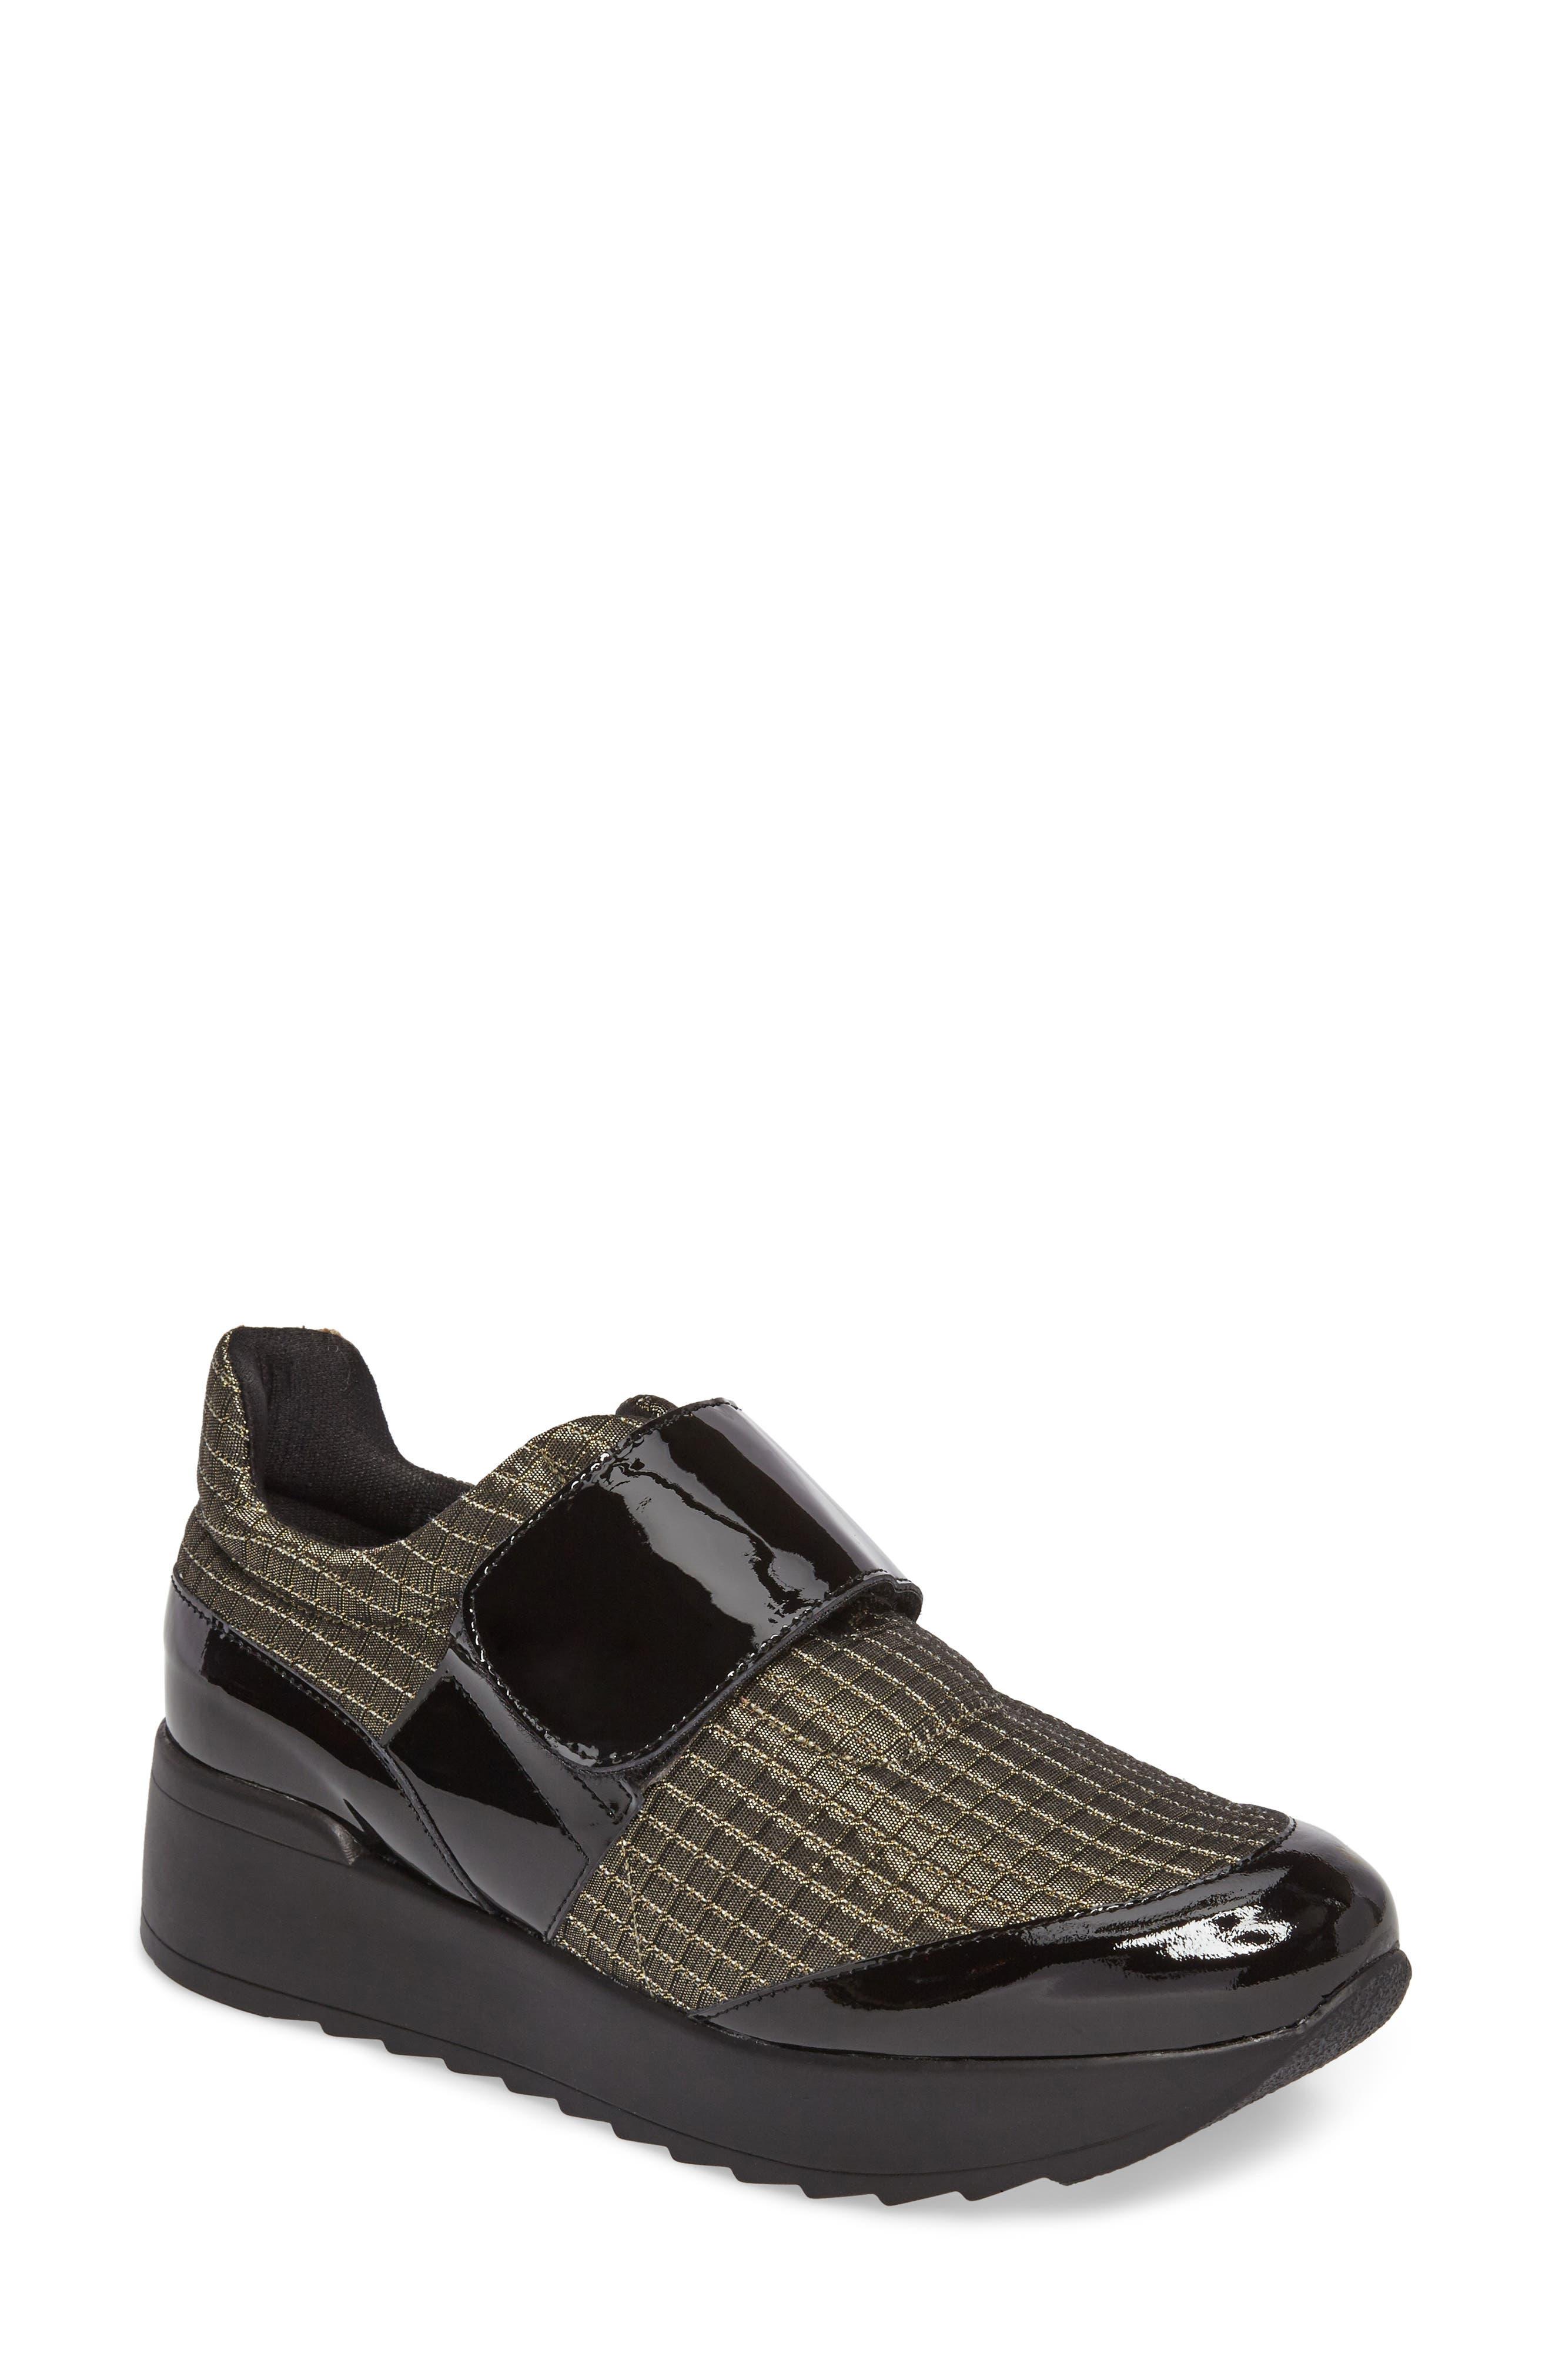 Cannon Sneaker,                         Main,                         color, 001